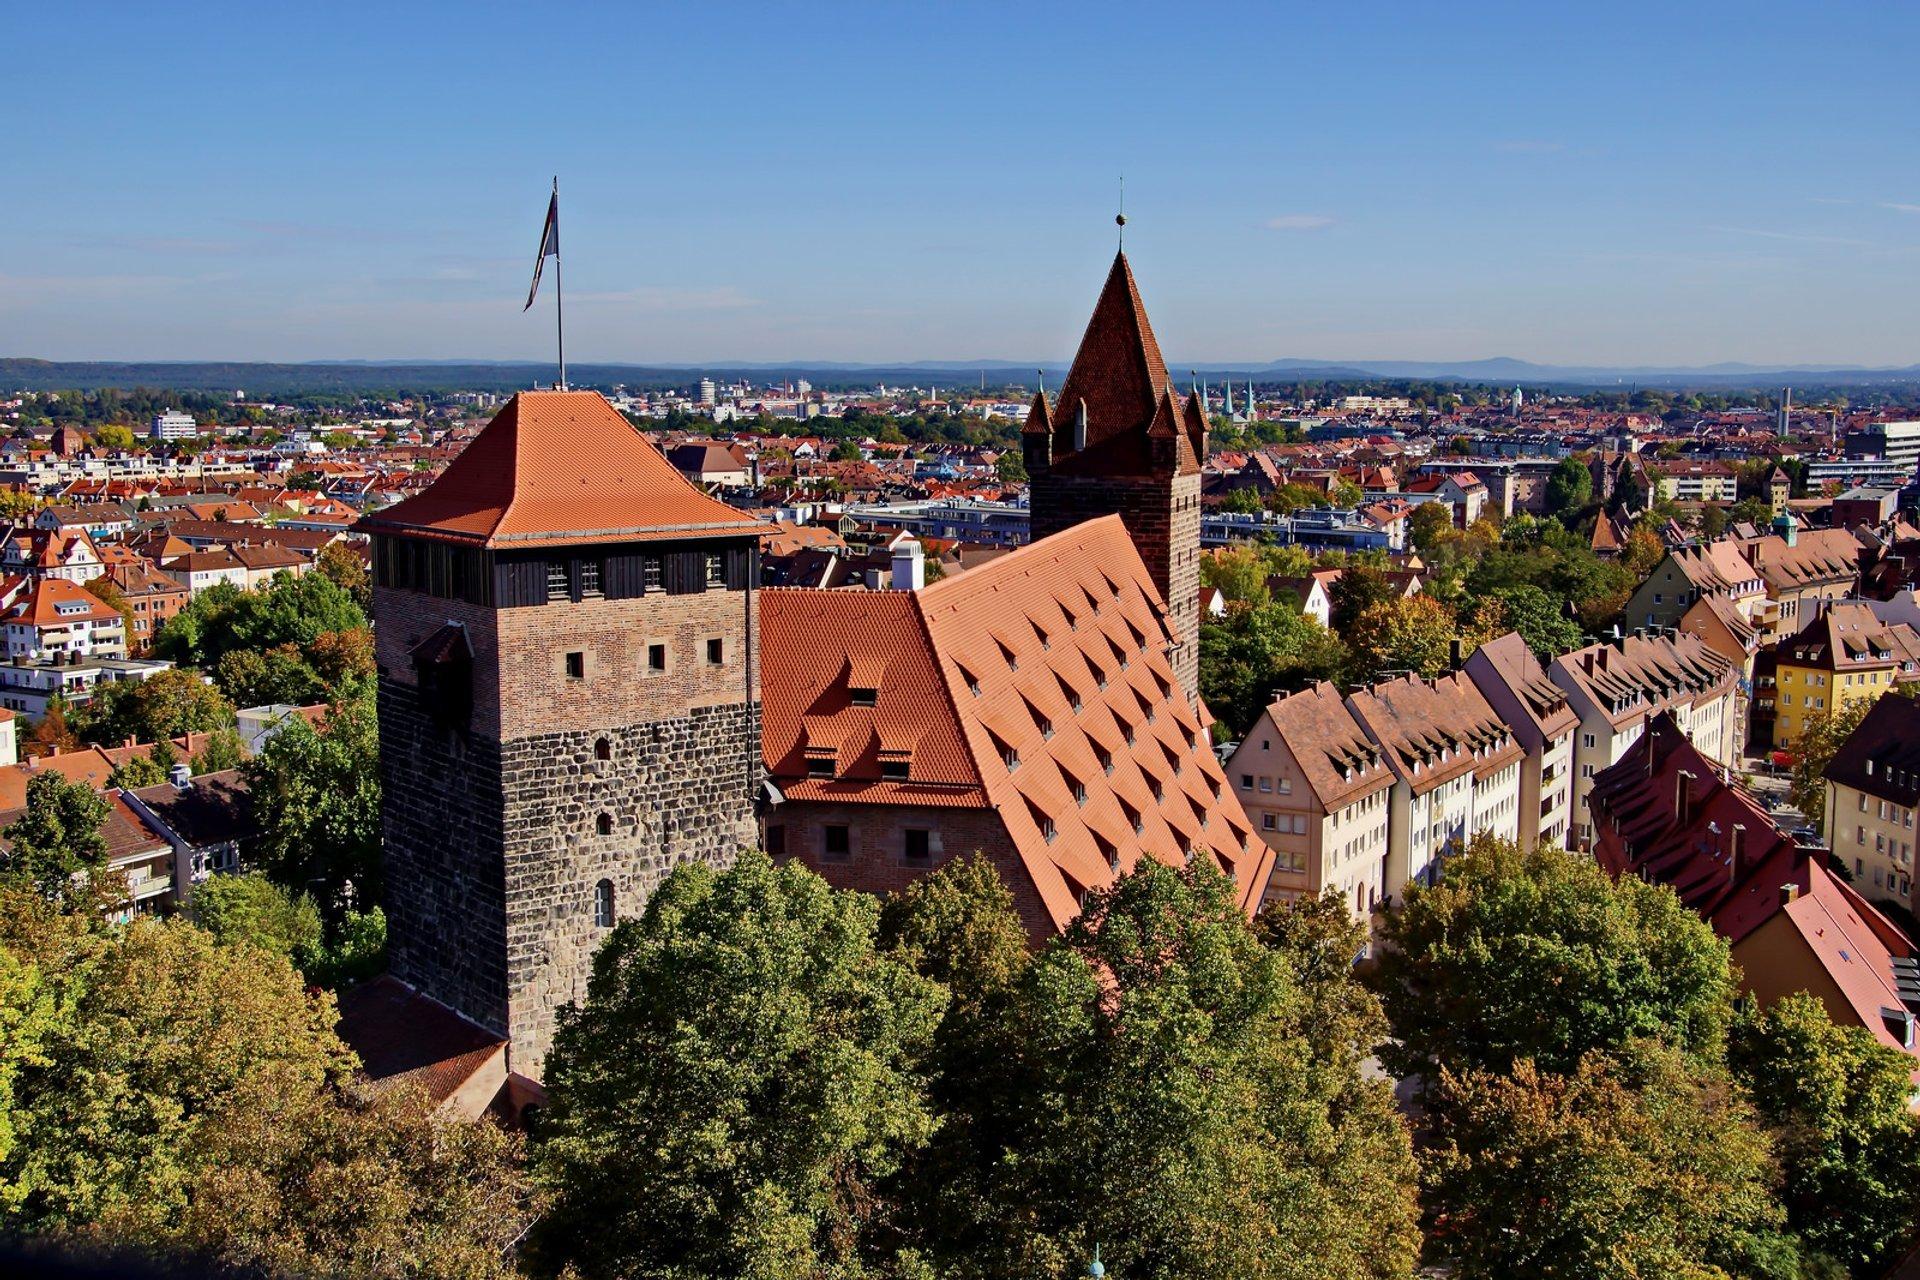 Kaiserburg Nürnberg 2019